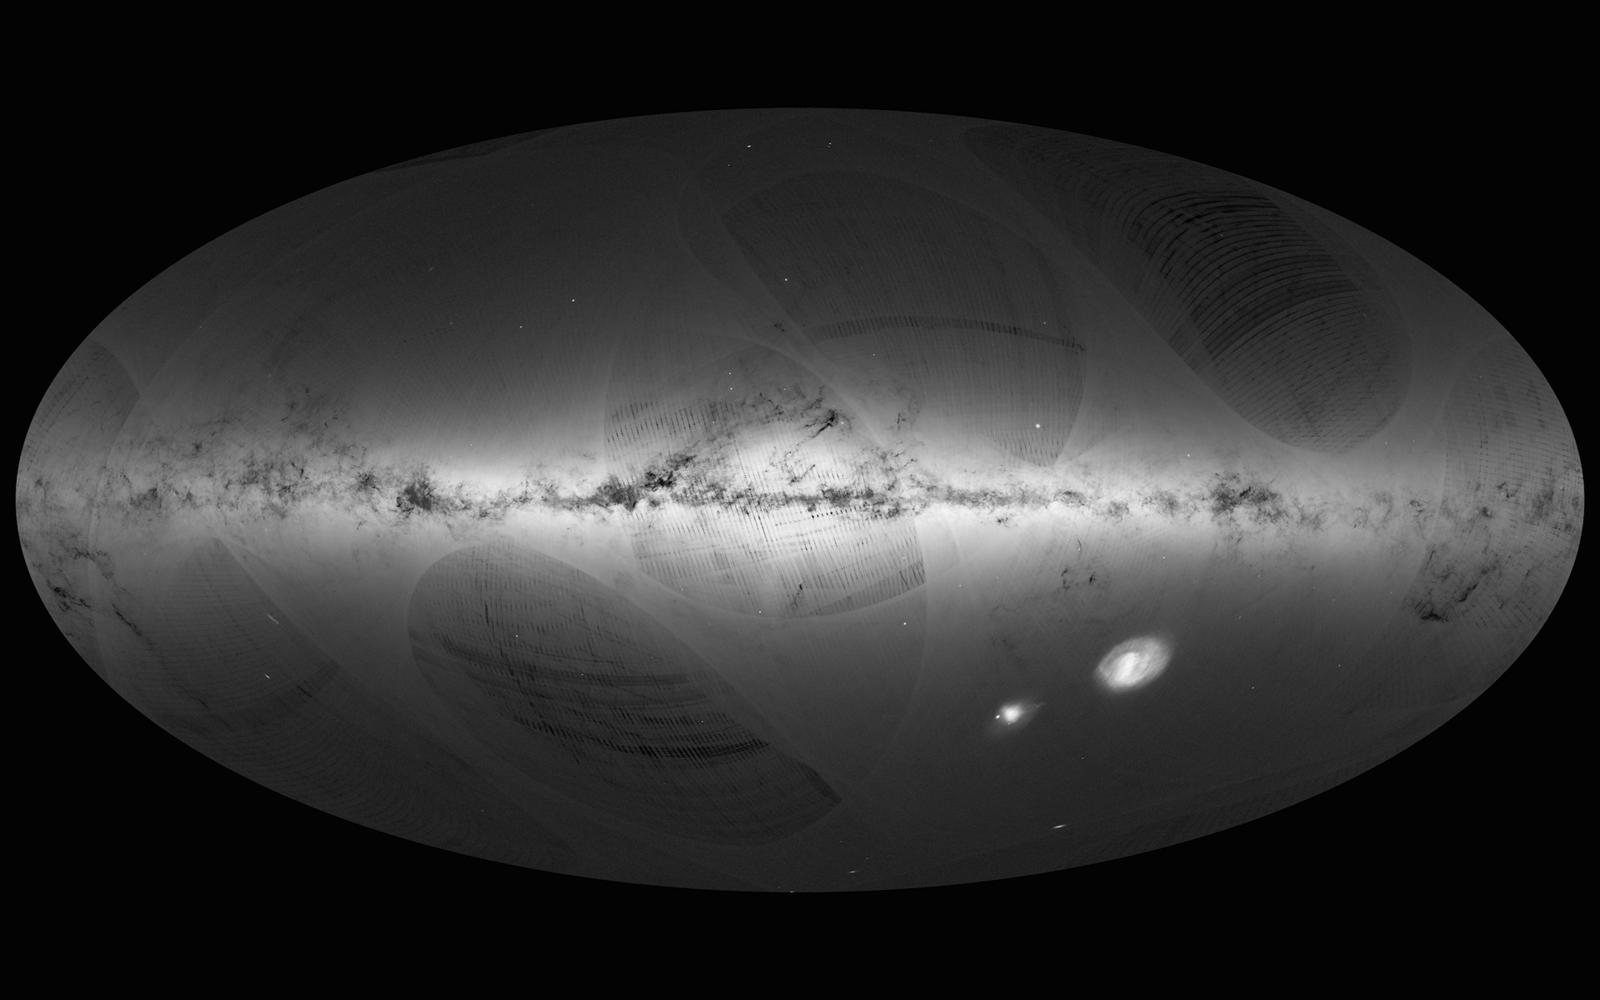 La plus grande carte 3D et la plus détaillée de la Voie lactée aux plus de 1 milliard d'étoiles recensées